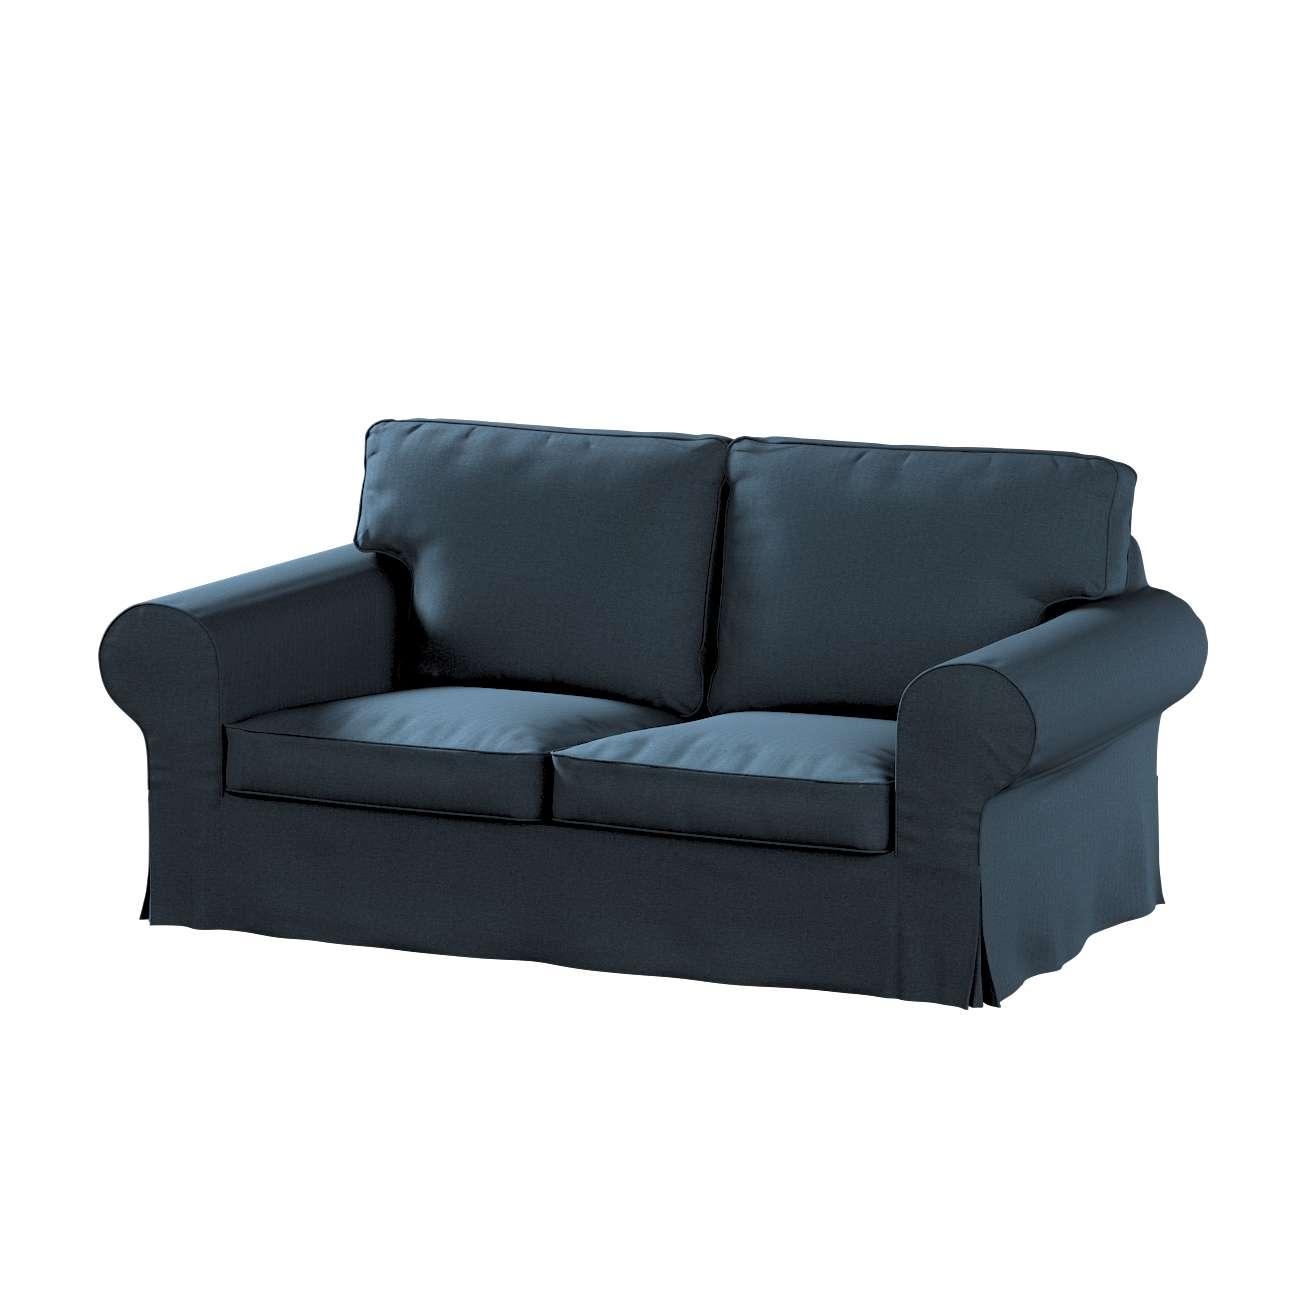 Poťah na sedačku Ektorp (nerozkladá sa, pre 2 osoby) V kolekcii Etna, tkanina: 705-30